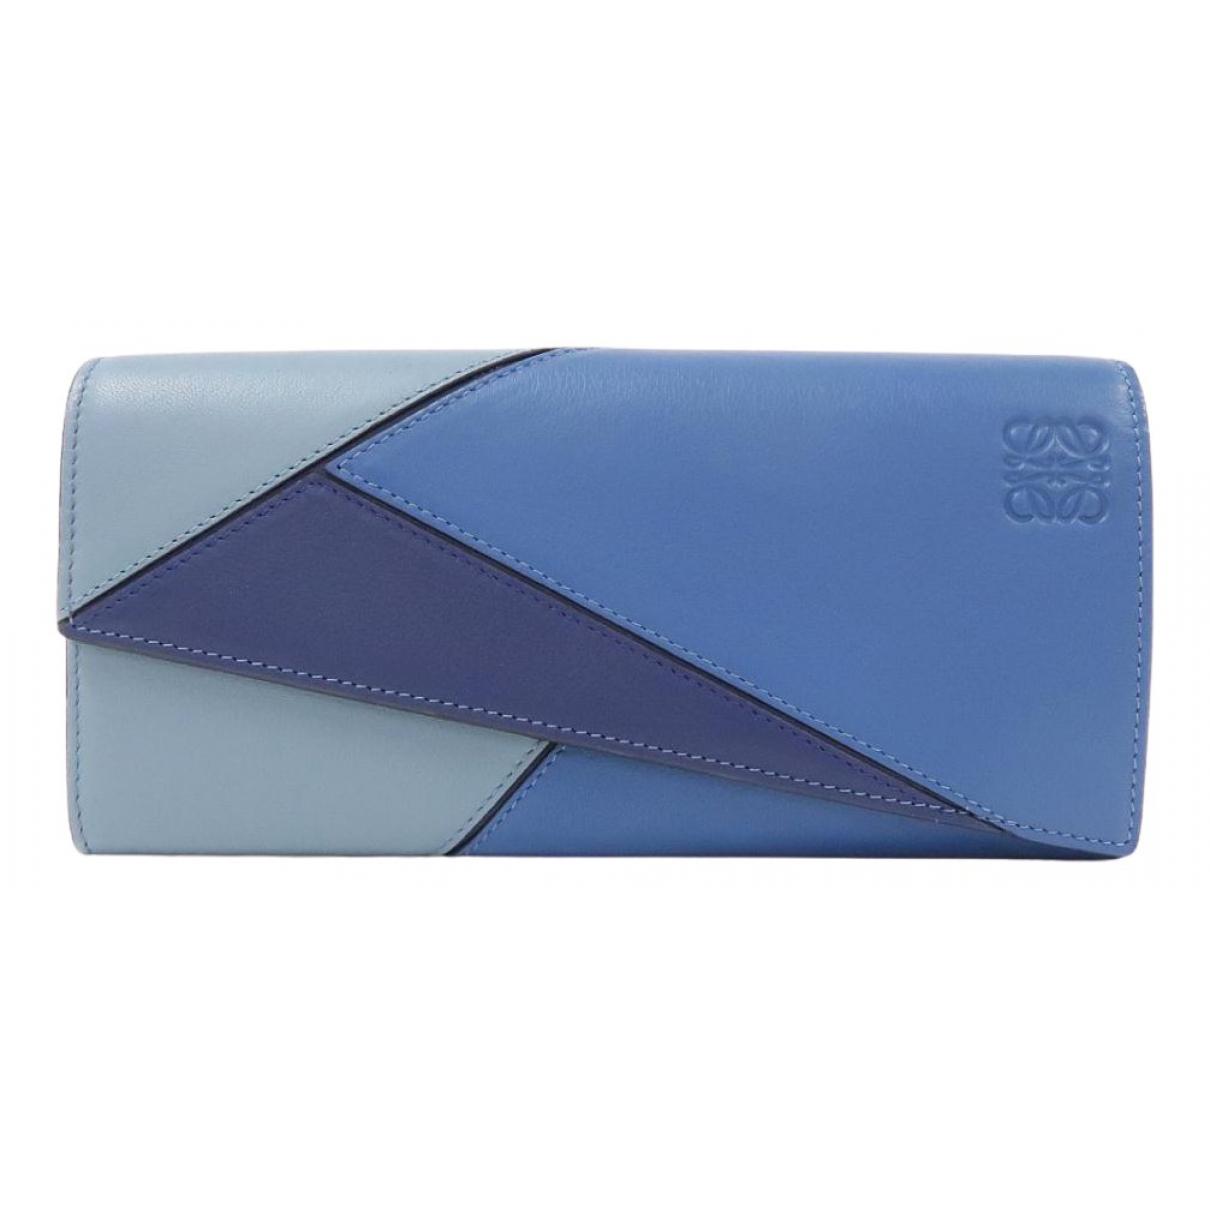 Loewe - Portefeuille Puzzle pour femme en cuir - bleu